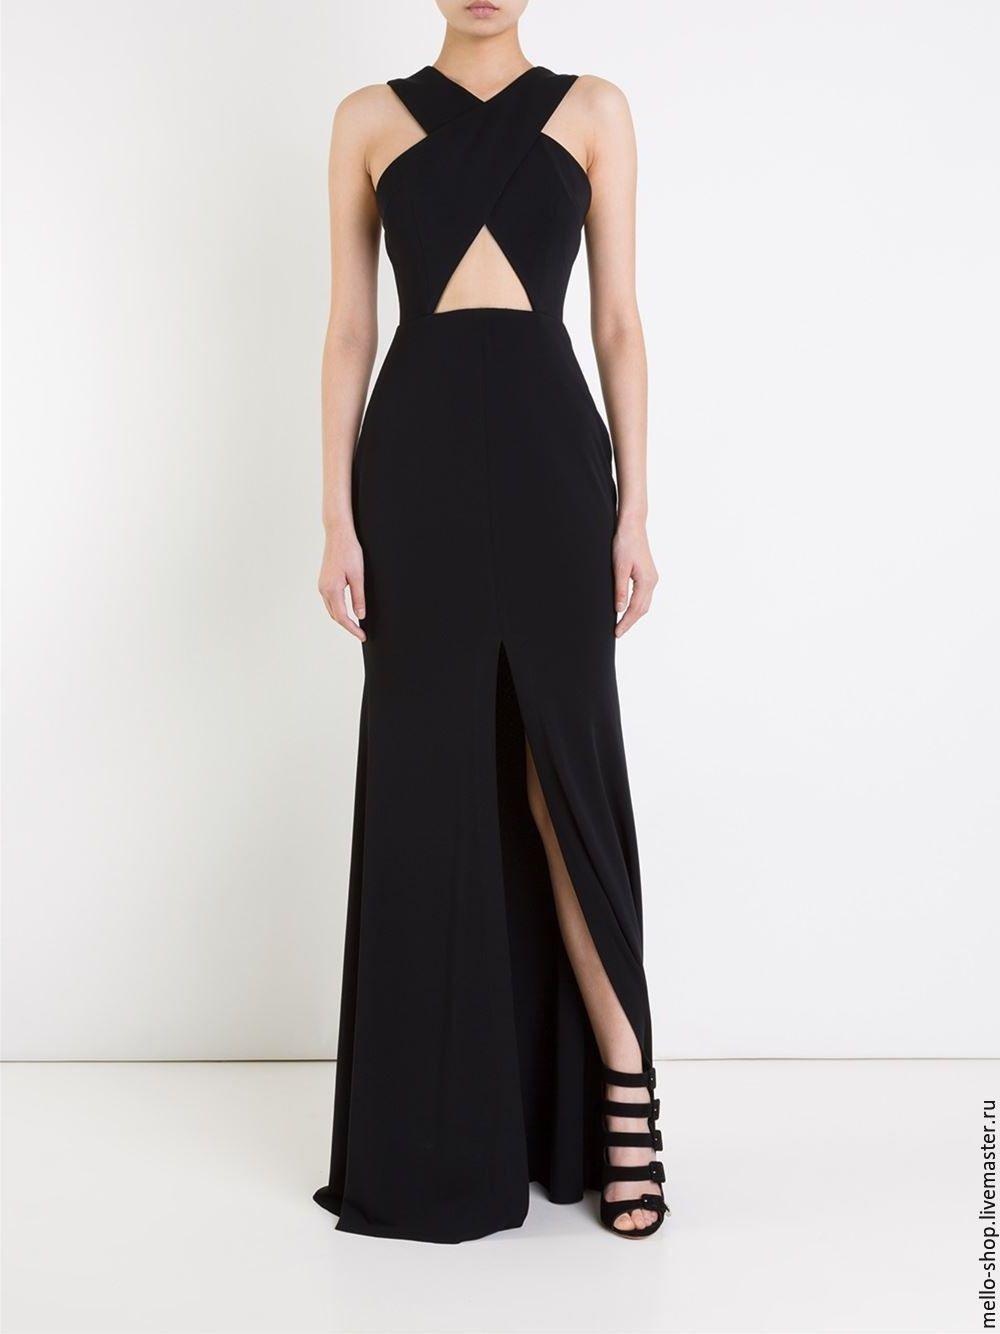 17 Ausgezeichnet Abendkleider Jena Galerie20 Einfach Abendkleider Jena Design